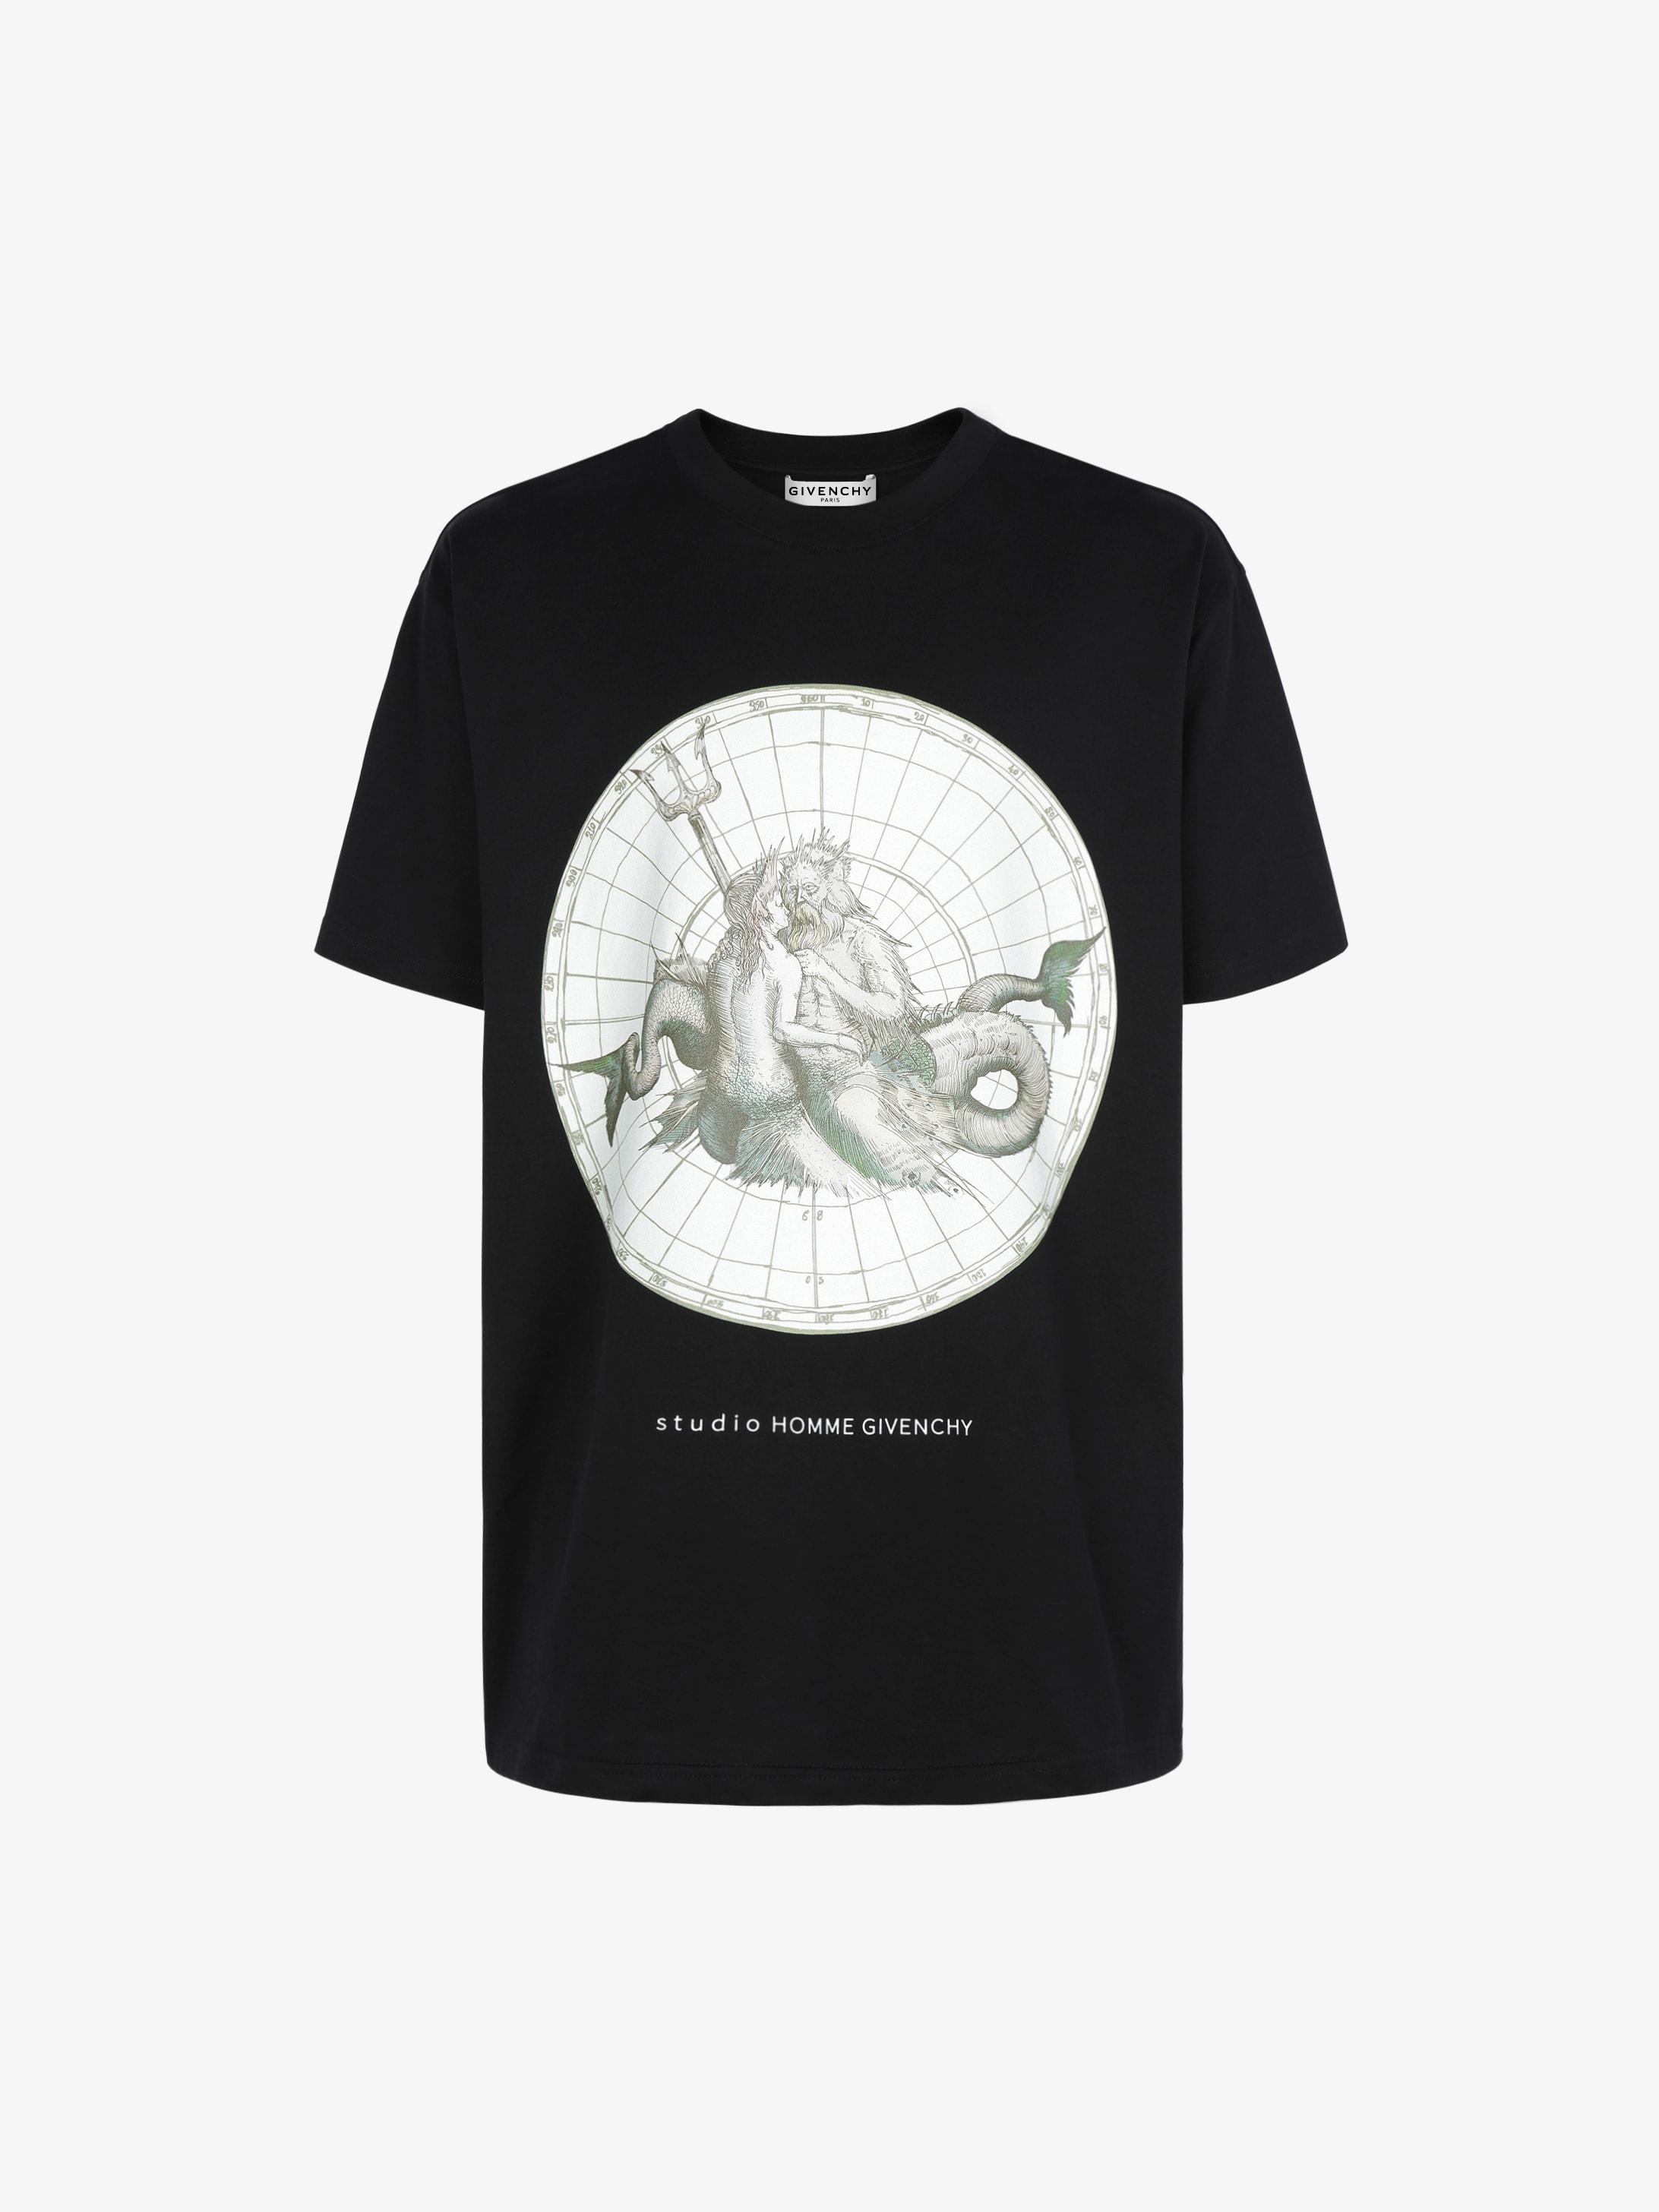 Poseidon printed oversized t-shirt